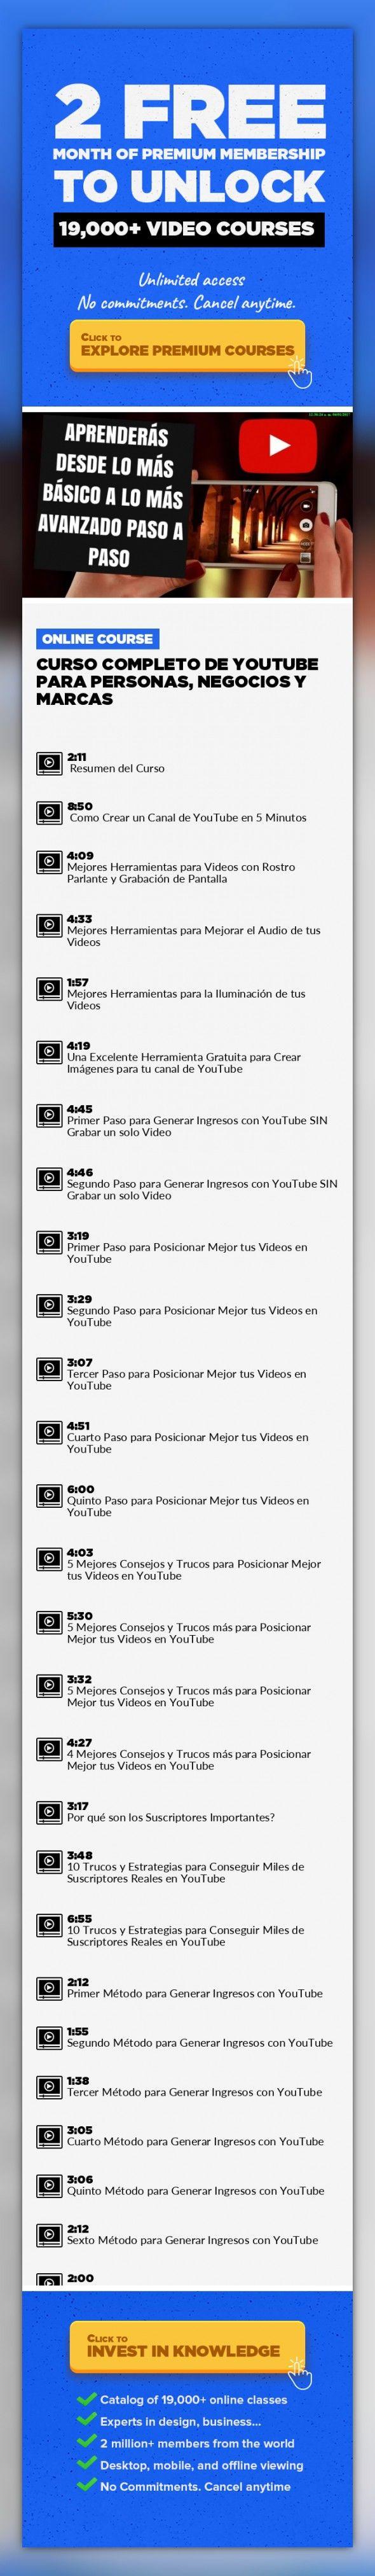 Curso Completo de YouTube Para Personas, Negocios y Marcas ...